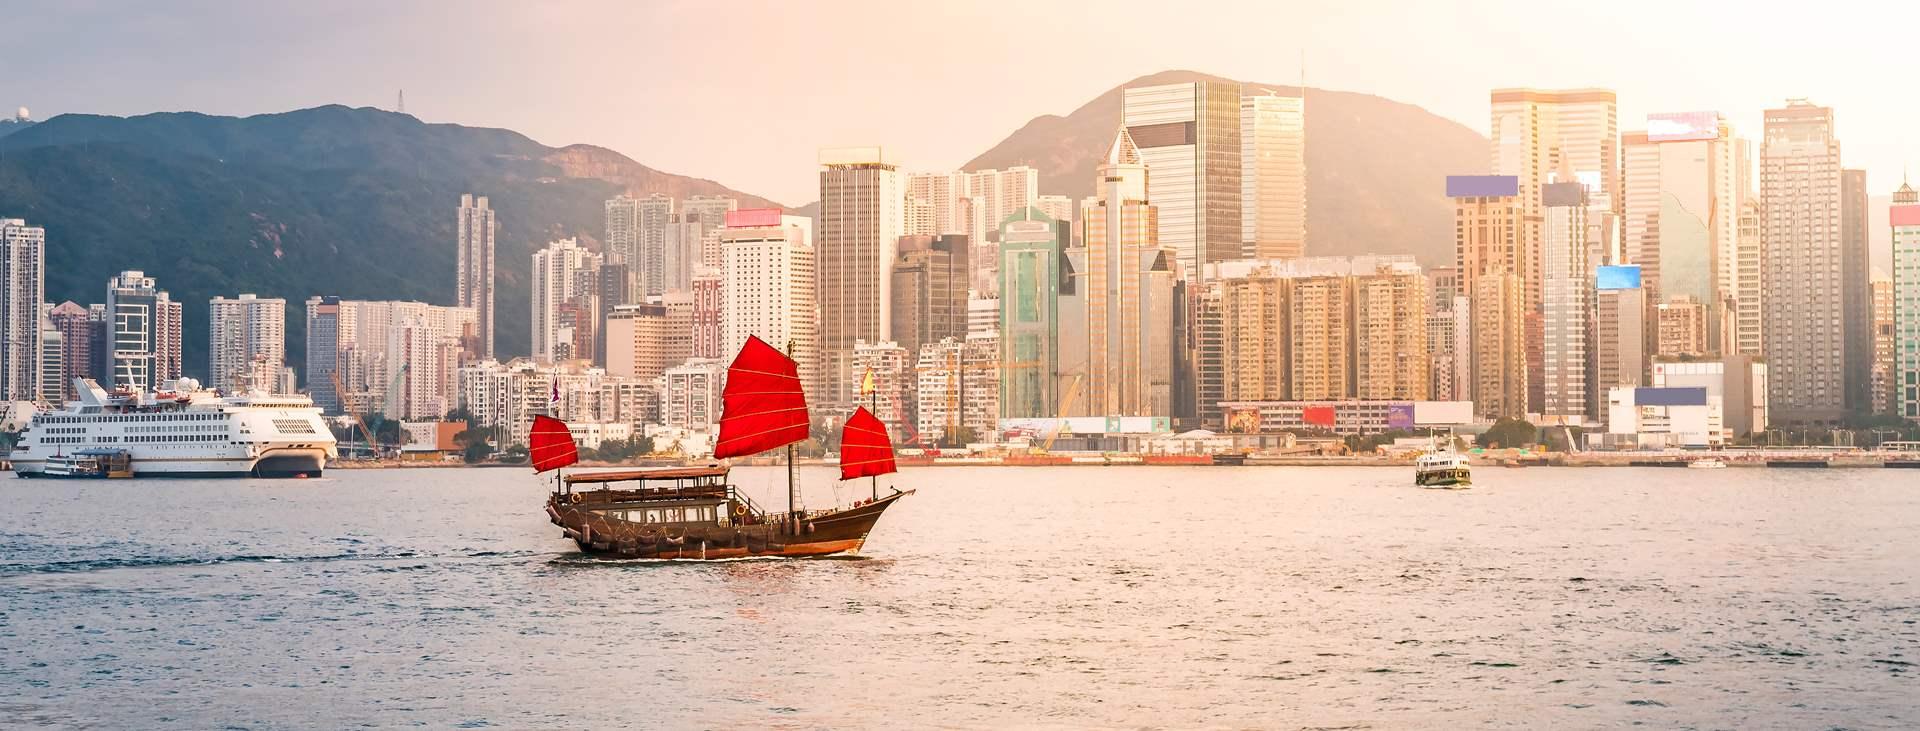 Bestill en reise med Ving til Hong Kong